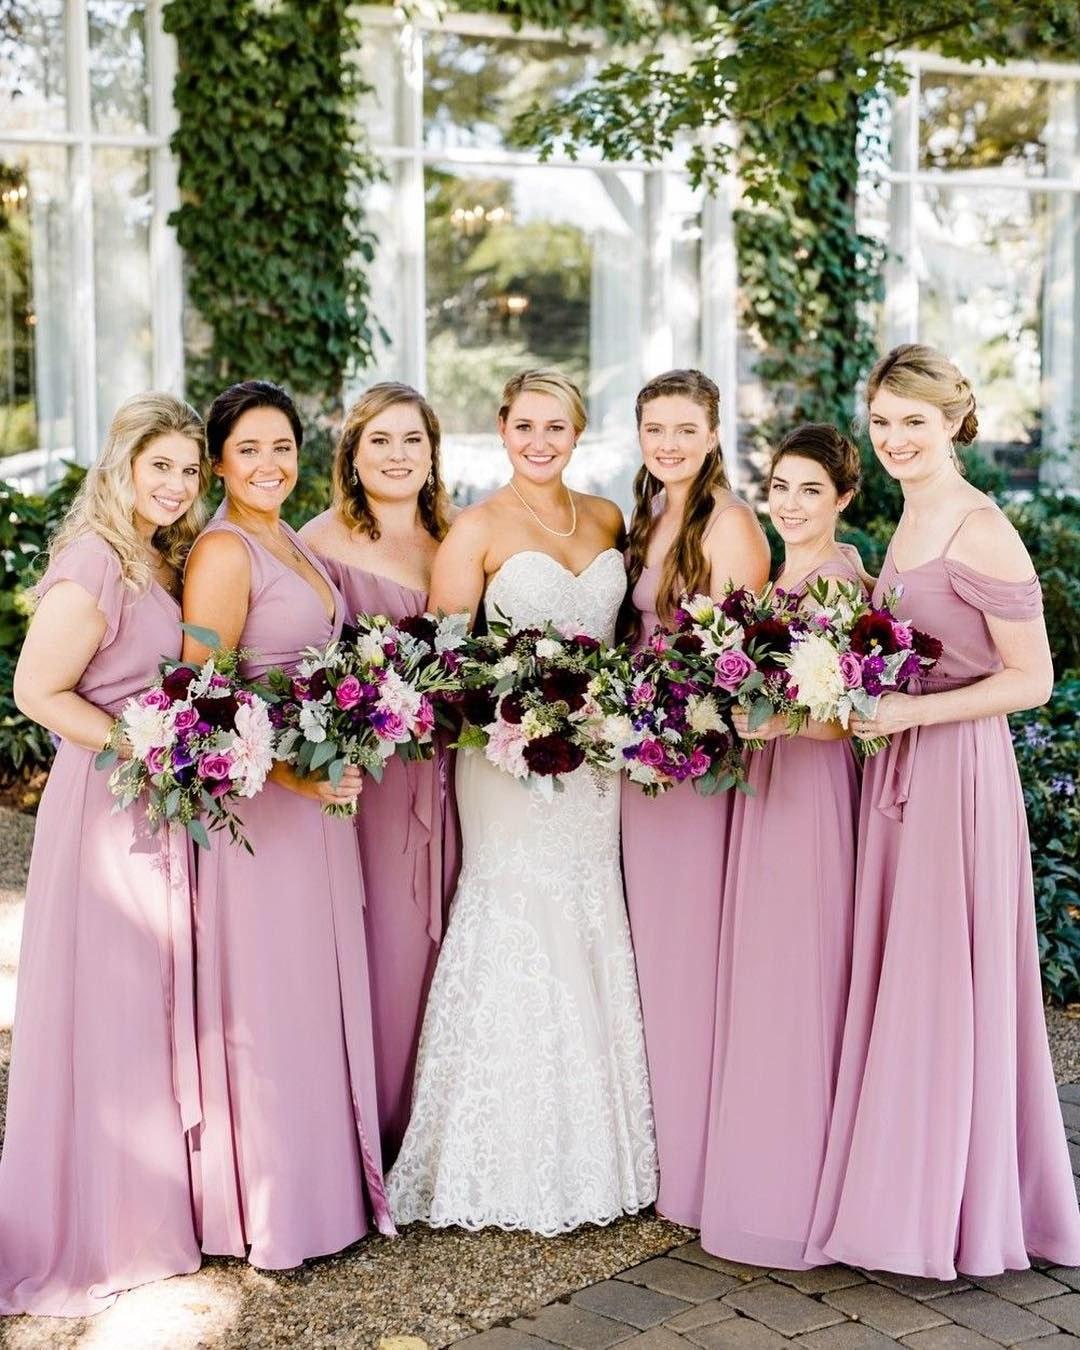 Bentuk Bridesmaid Hijab Pink Tldn Mauve Pink Bridesmaid Dresses and Pretty Wedding Bouquets